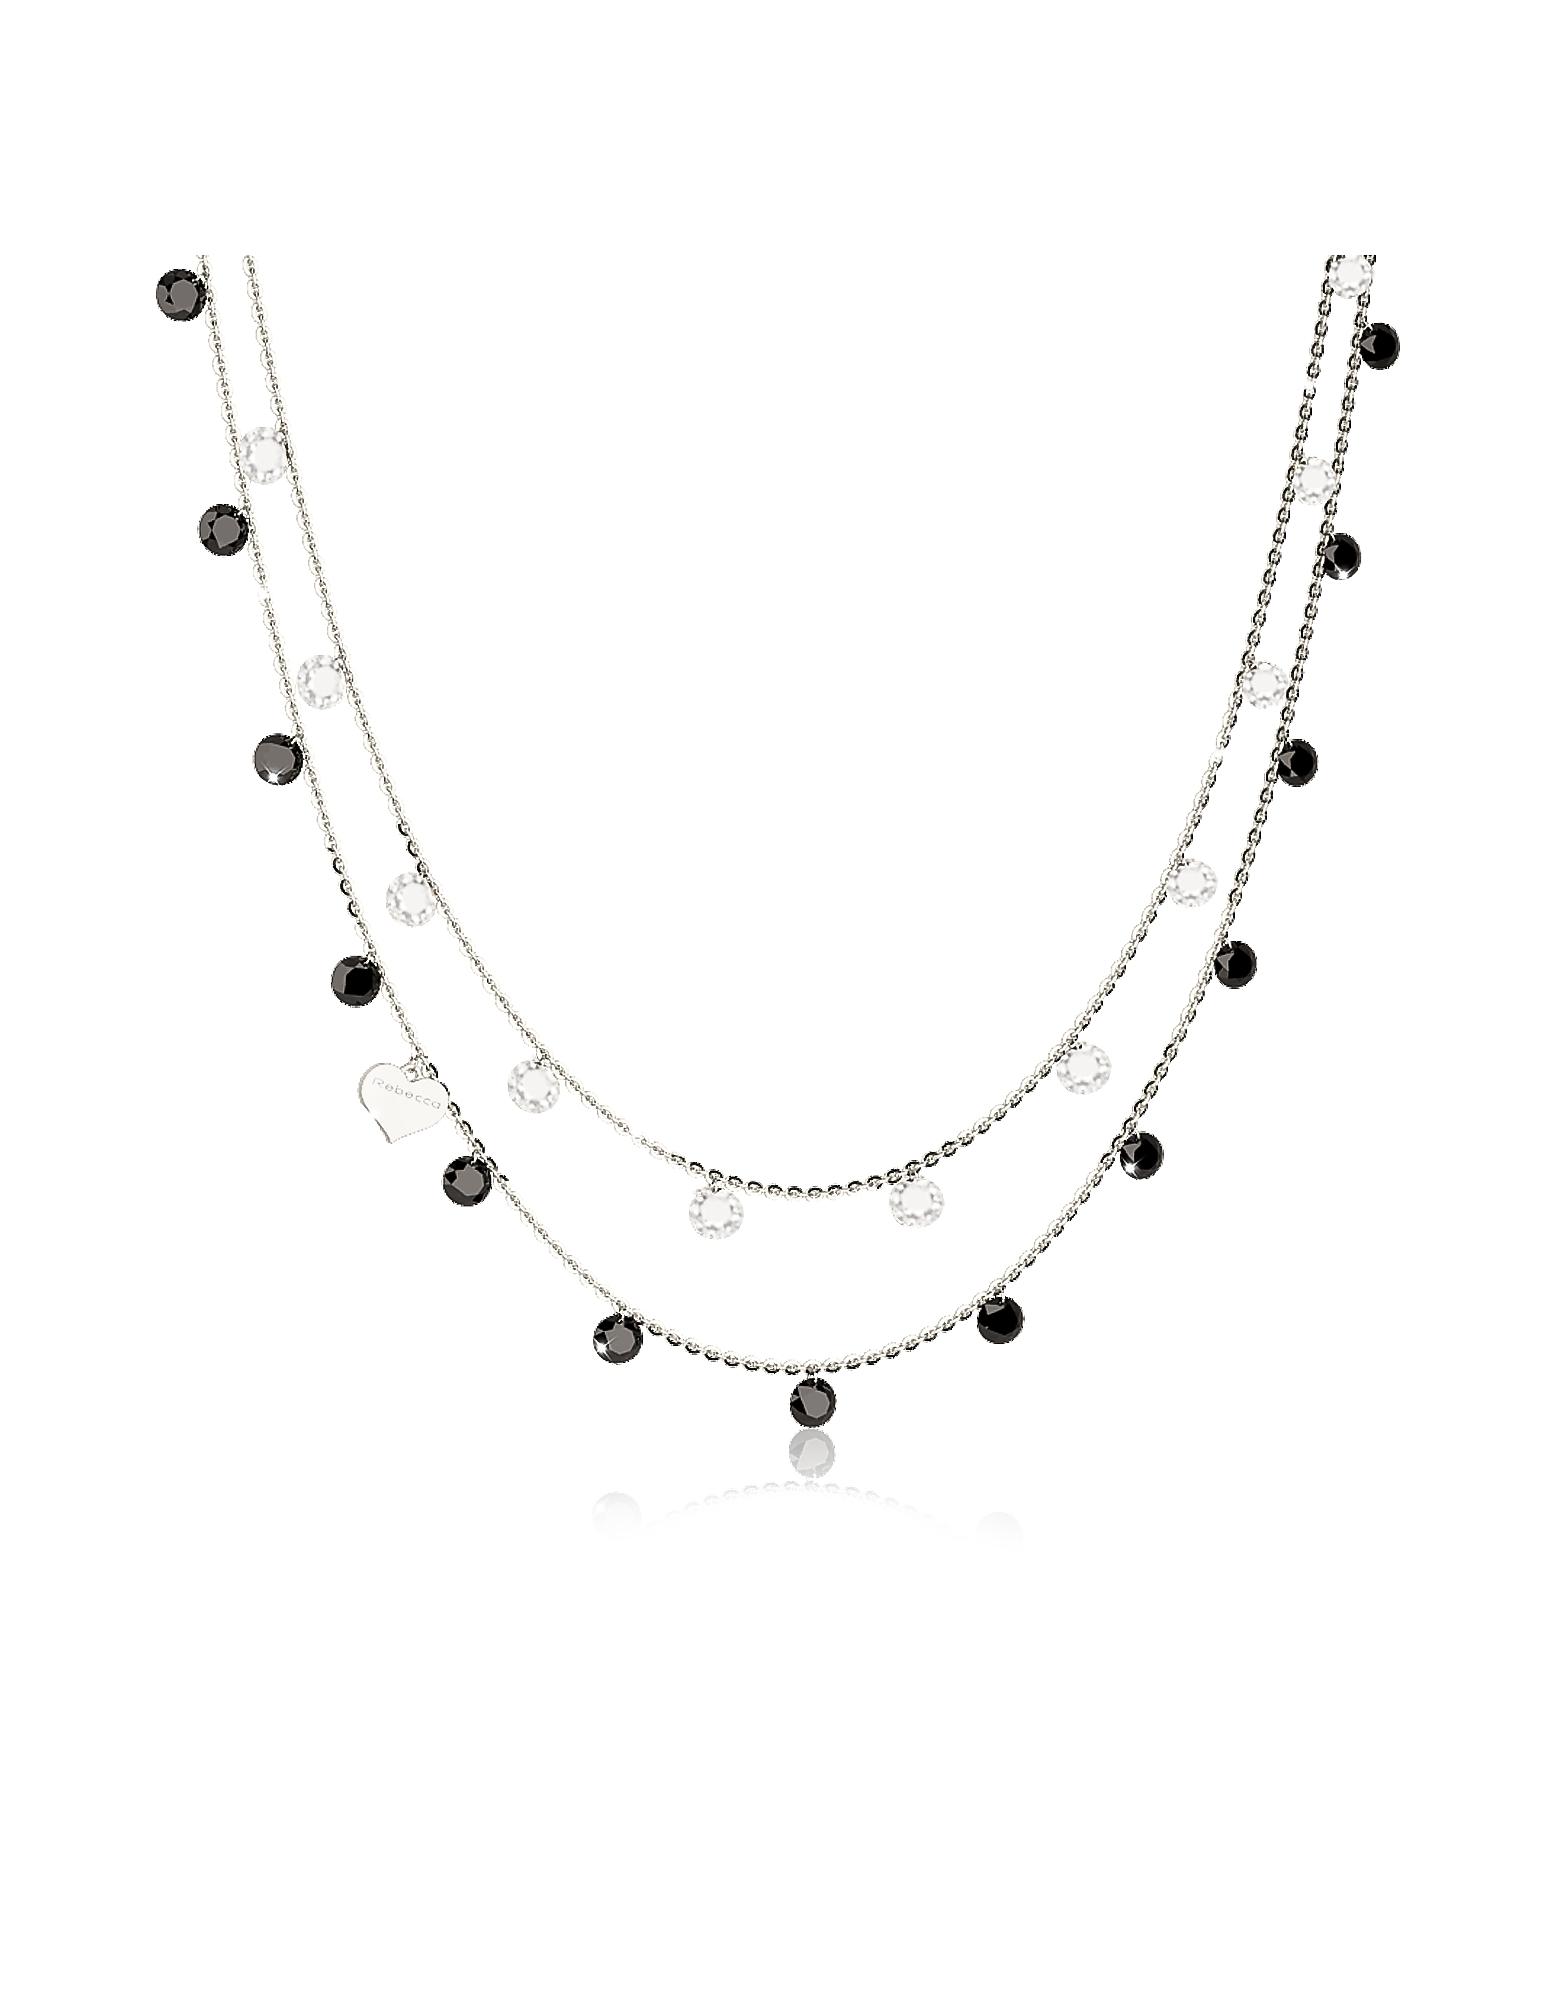 Lucciole Sterling Silver Necklace w/Black Crystals